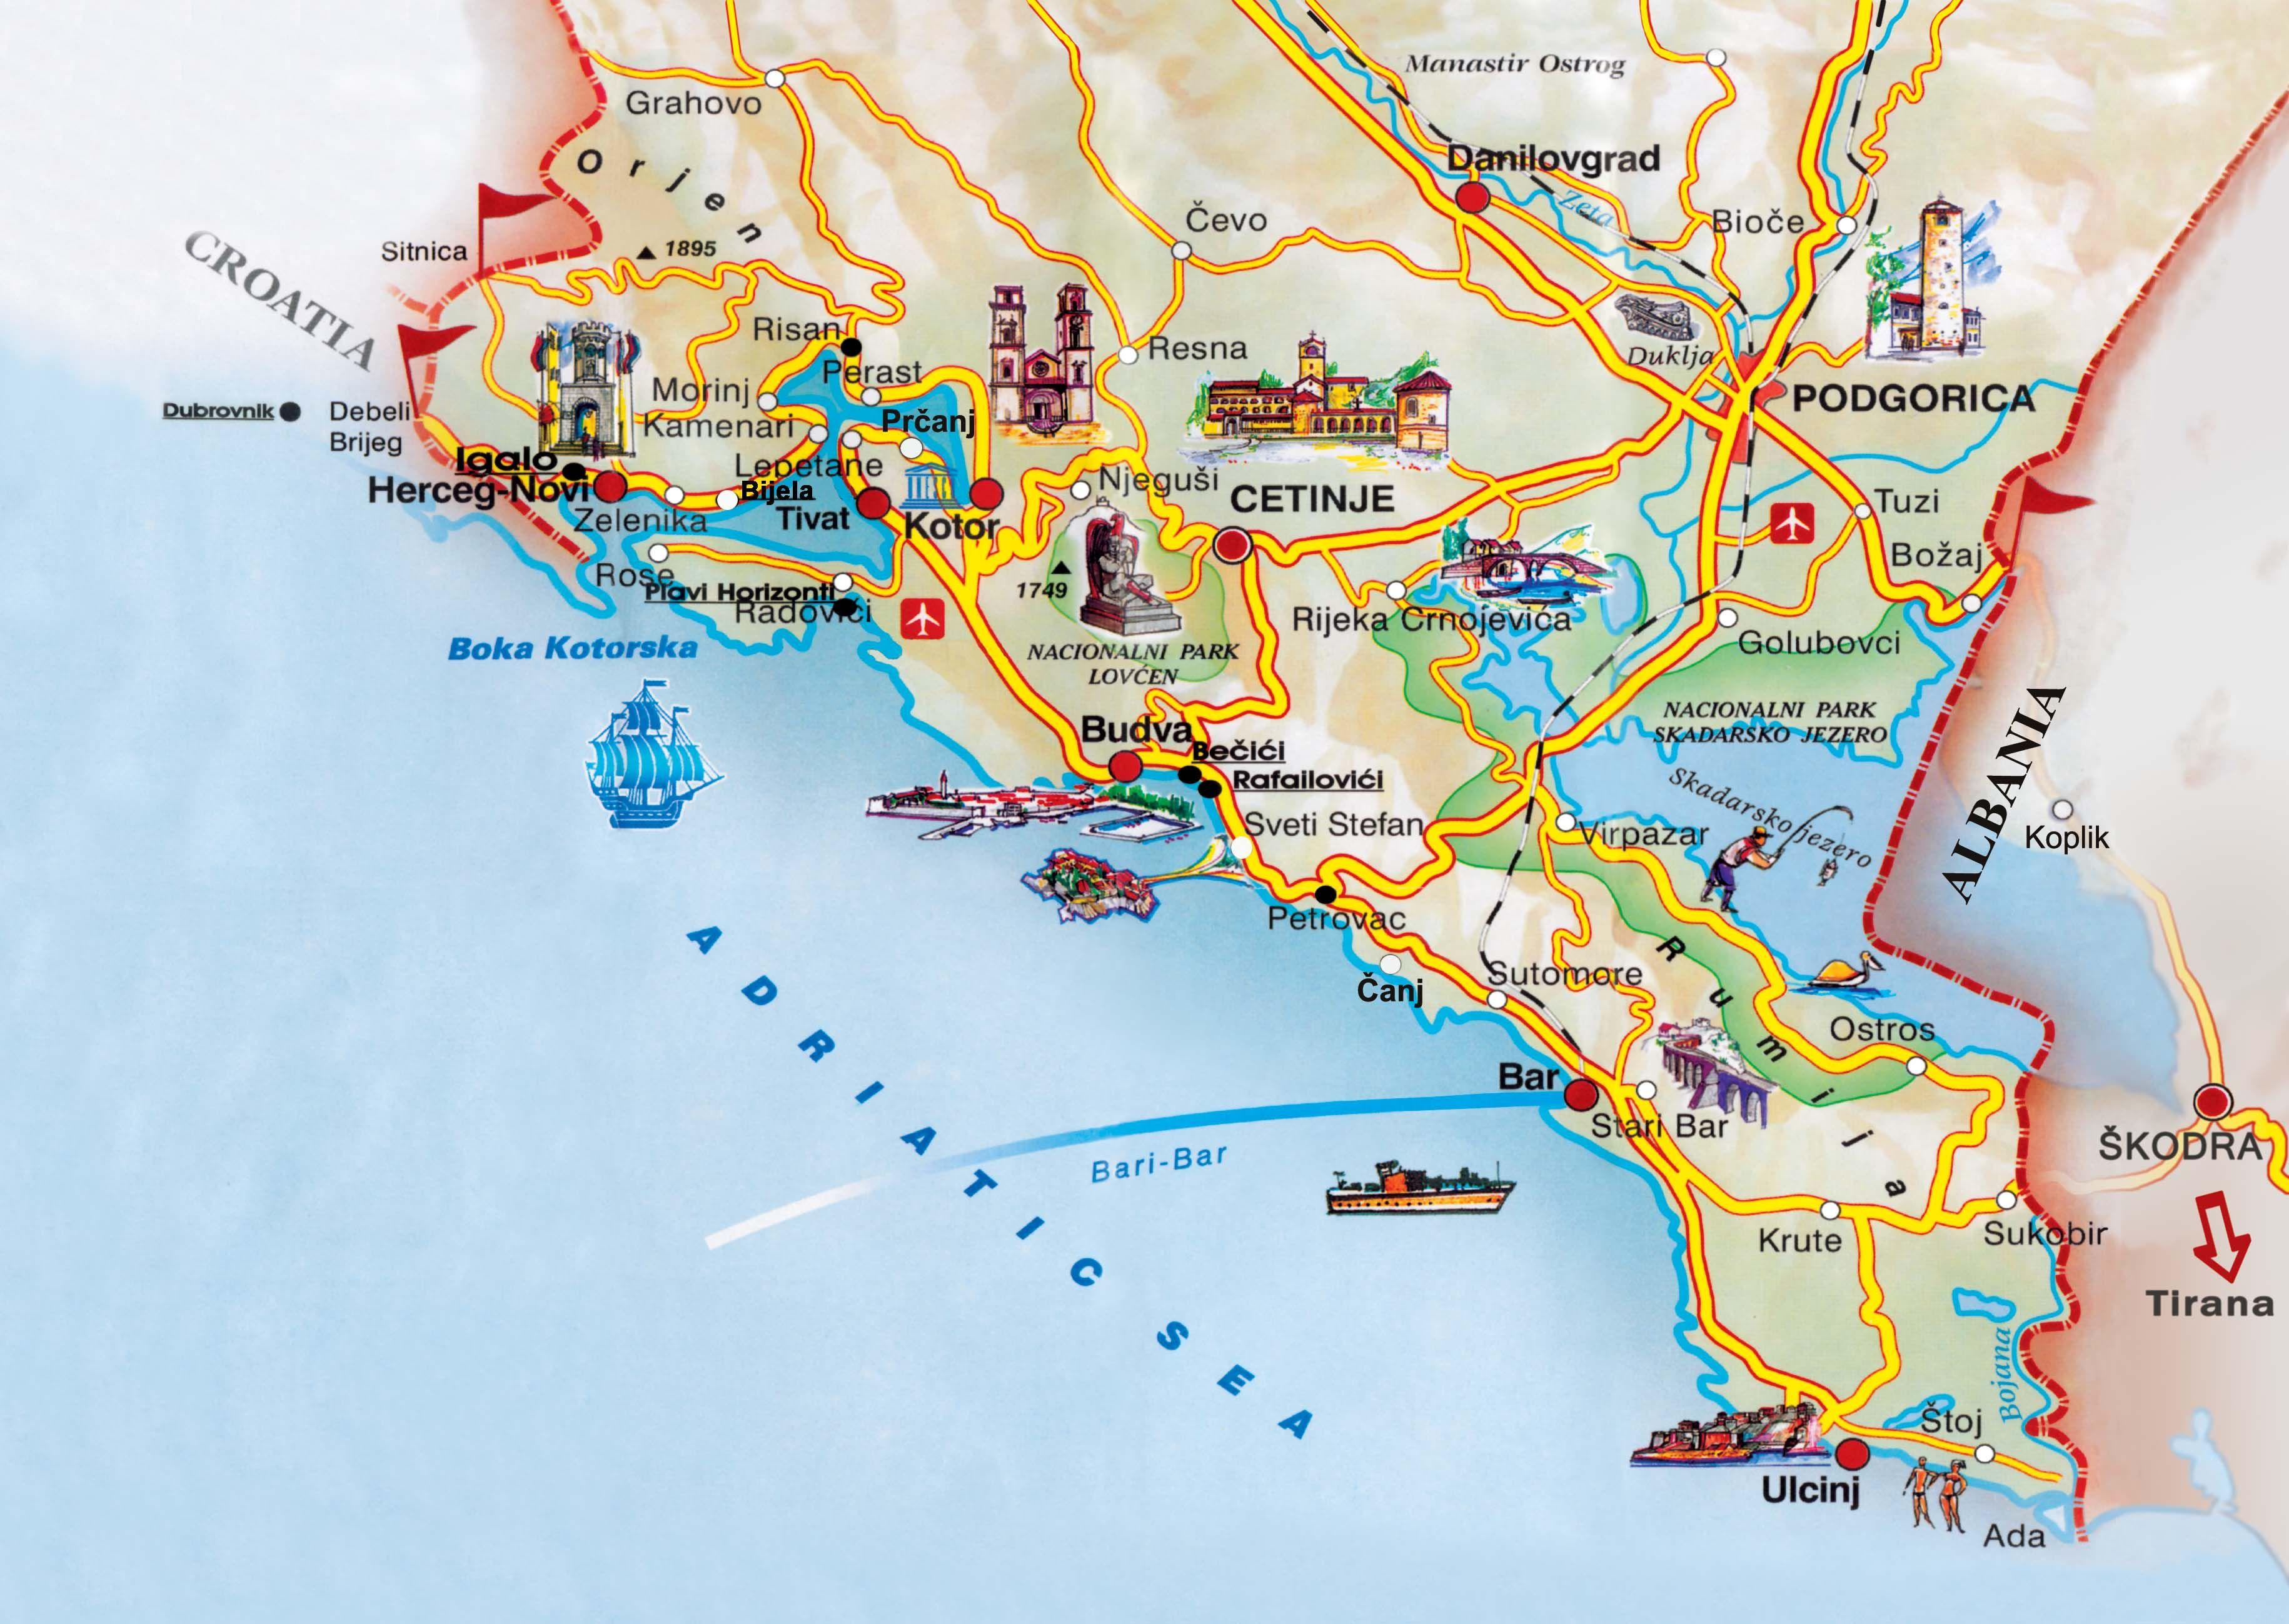 La Costa De Montenegro Herceg Novi Budva Bar Mapa De